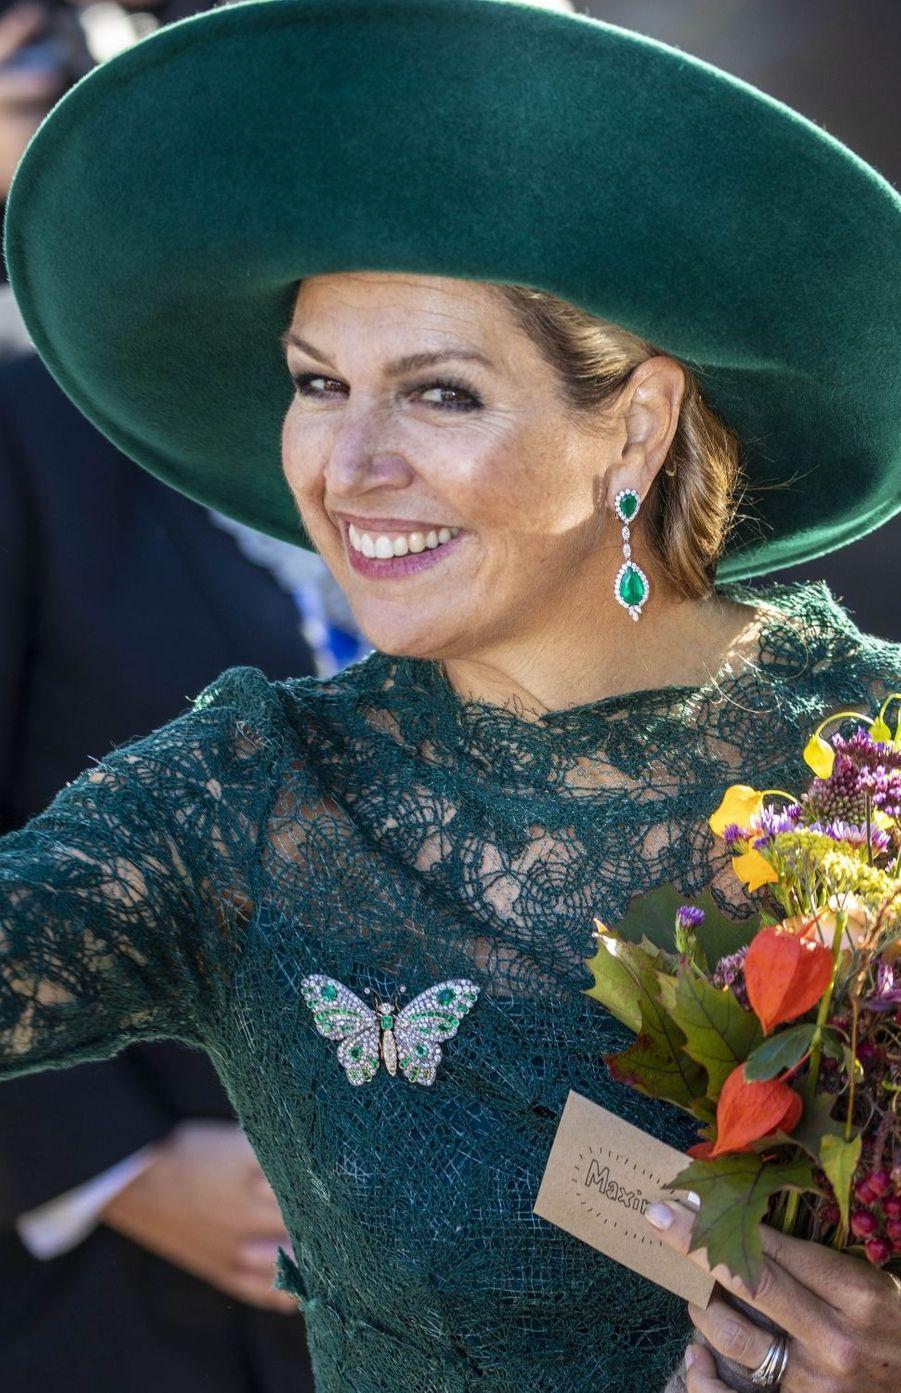 Détail des boucles d'oreille de la reine Maxima des Pays-Bas à Utrecht, le 5 octobre 2018